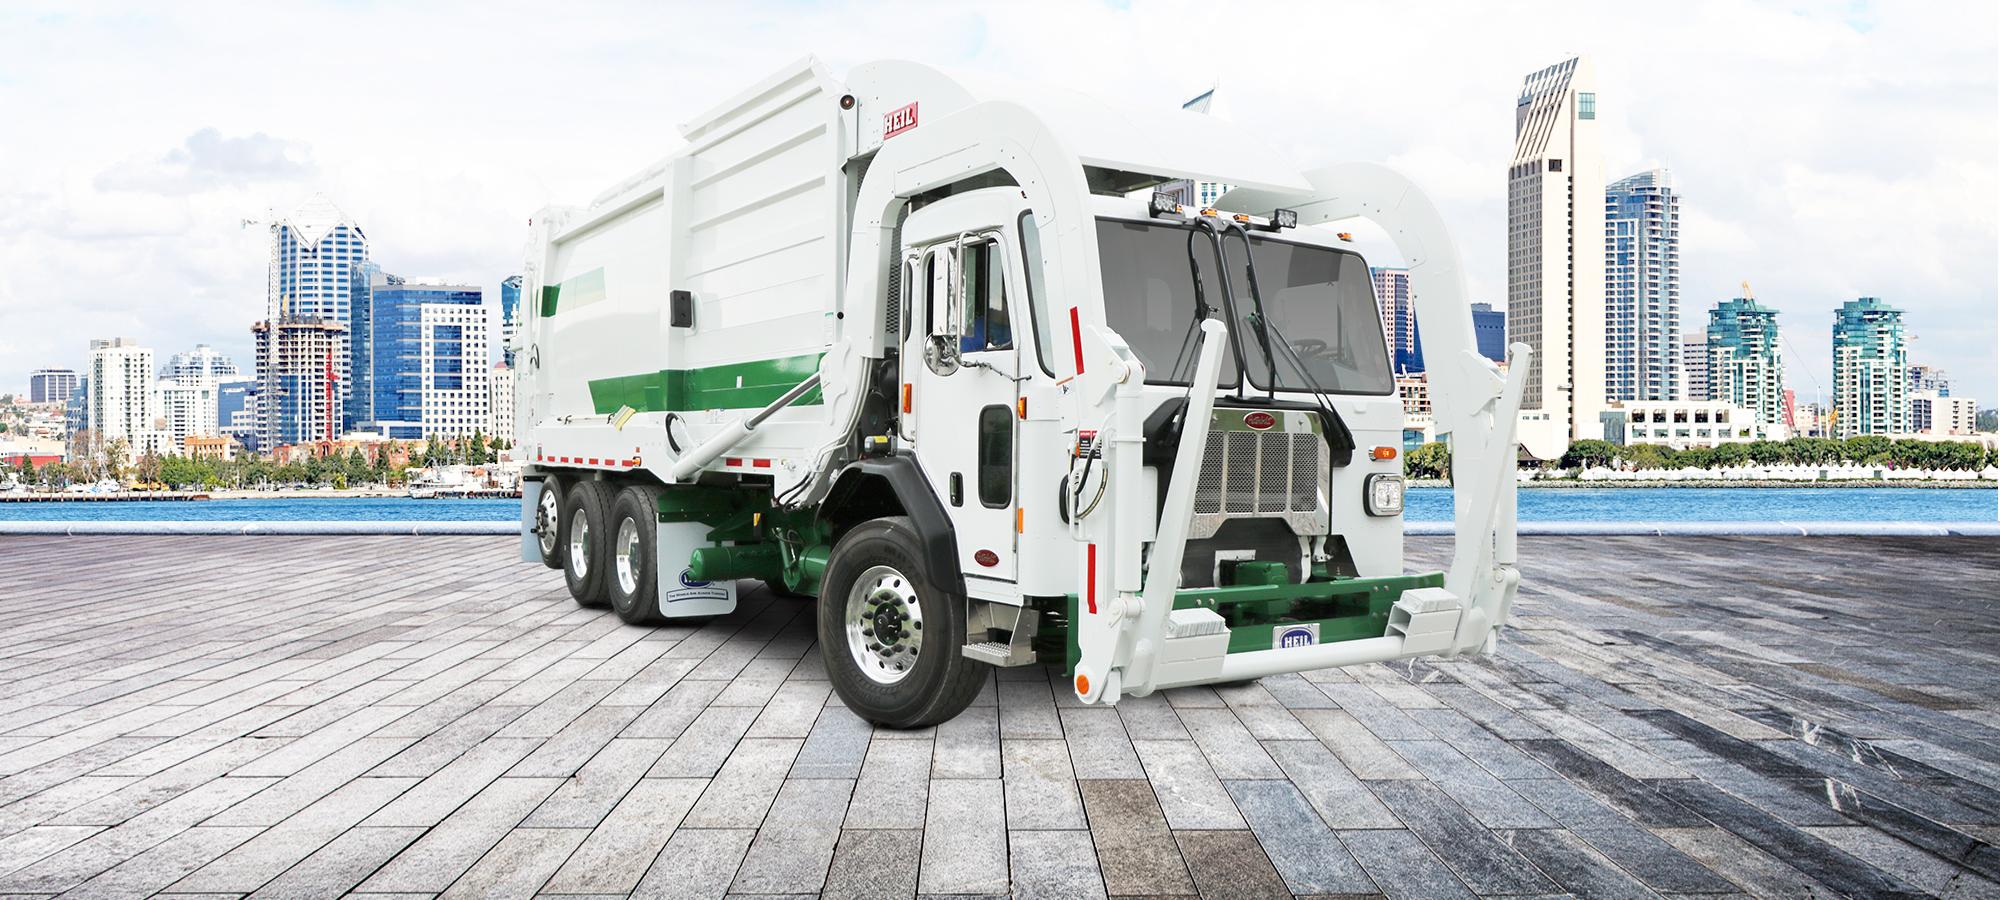 heil-half-pack-sierra-frontload-garbage-truck.jpg